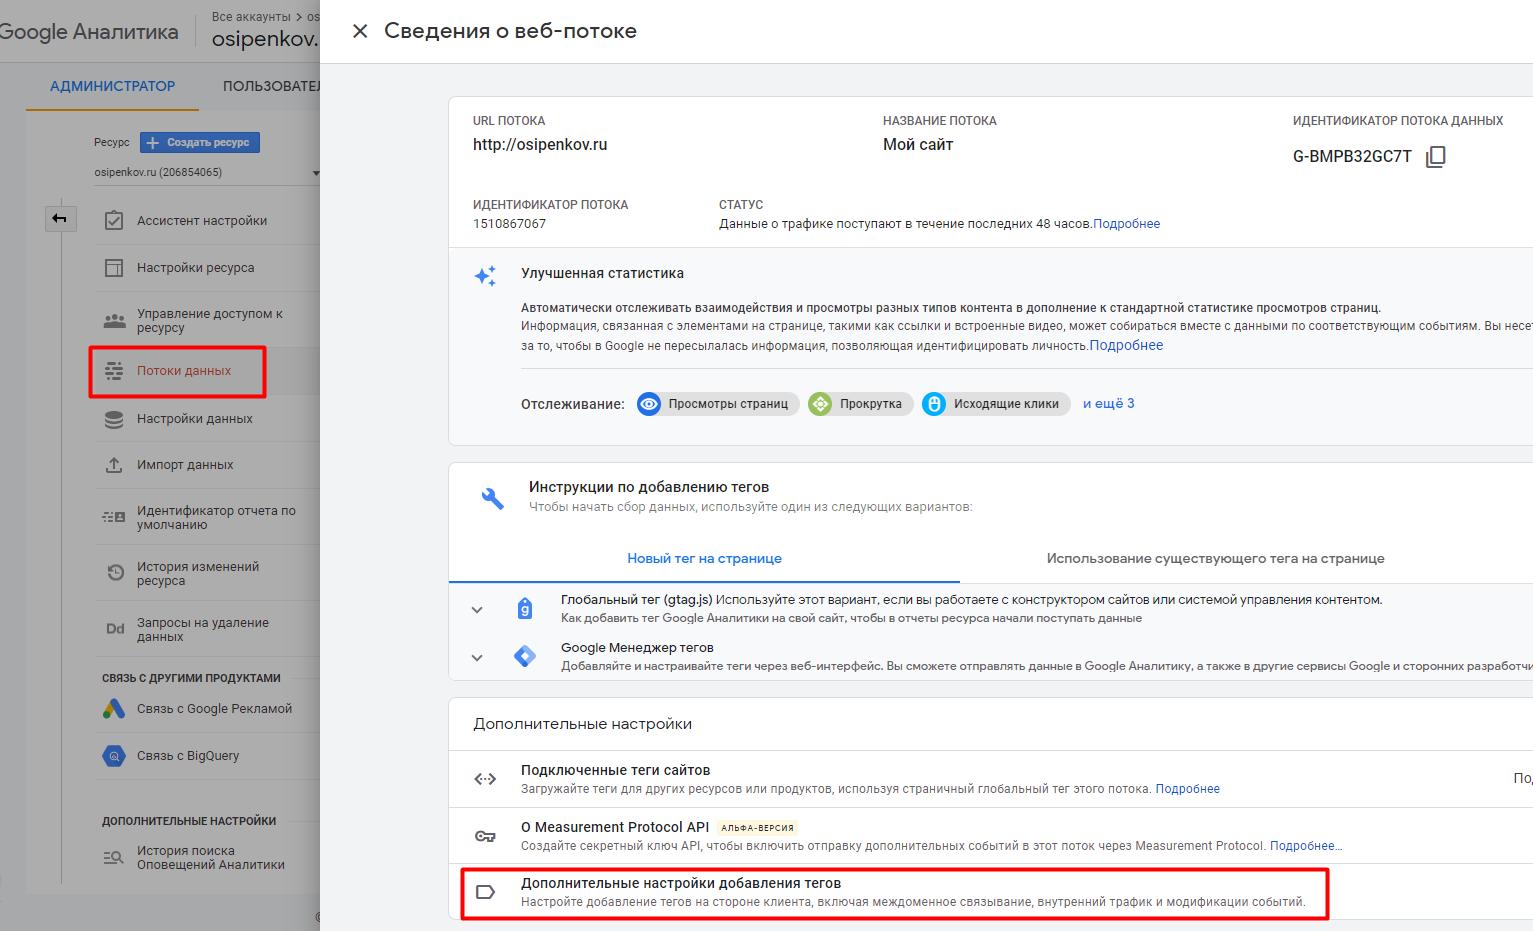 Список нежелательных переходов в Google Analytics 4